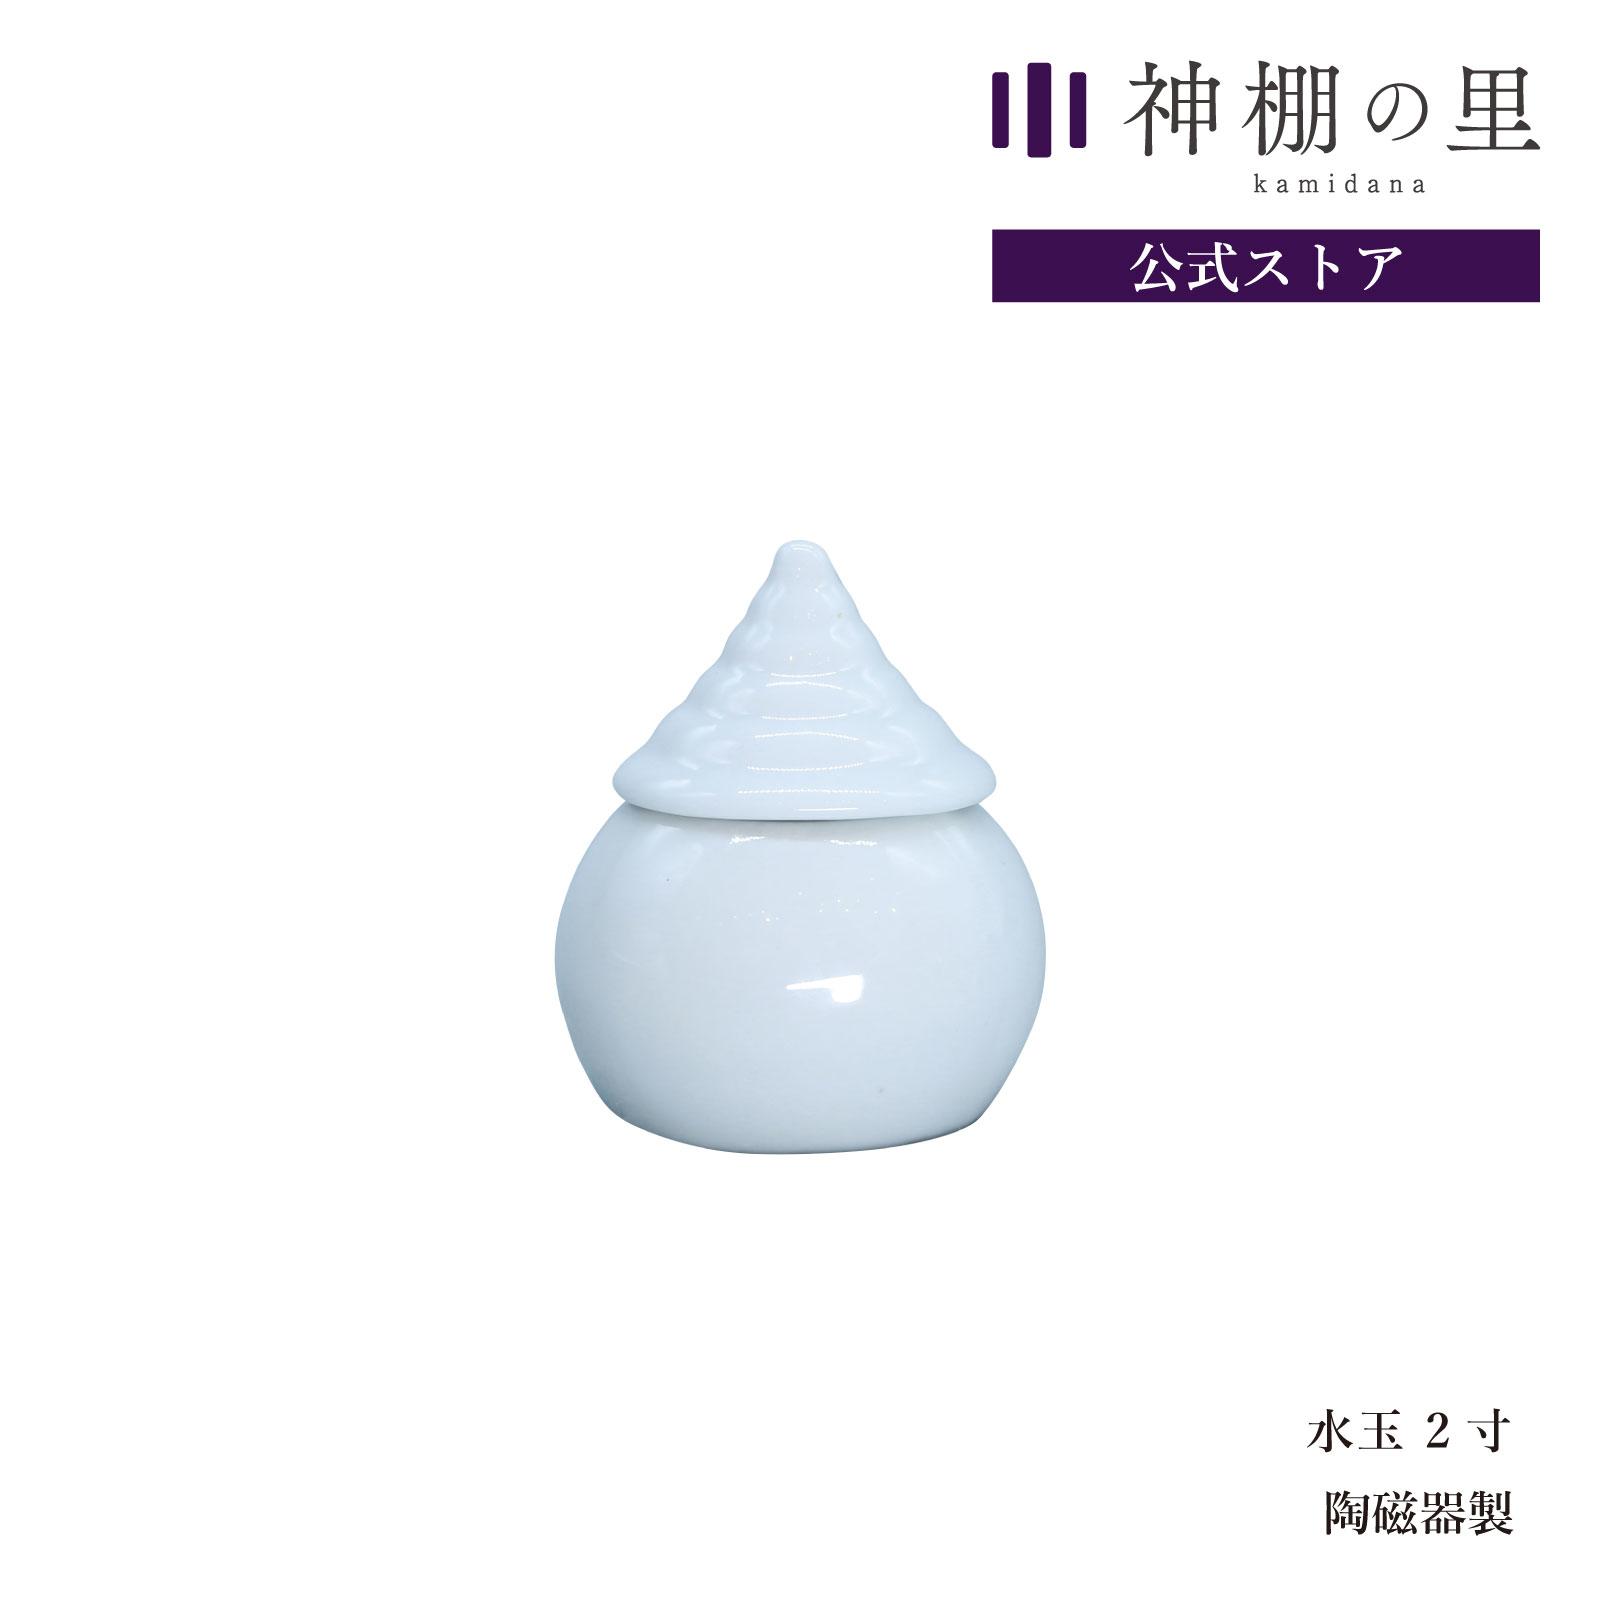 神棚にお供えする 店 お水を入れる器です 神棚の里 公式 神棚 神具 水玉 水入れ 陶器 ギフ_包装 2寸 1本 水